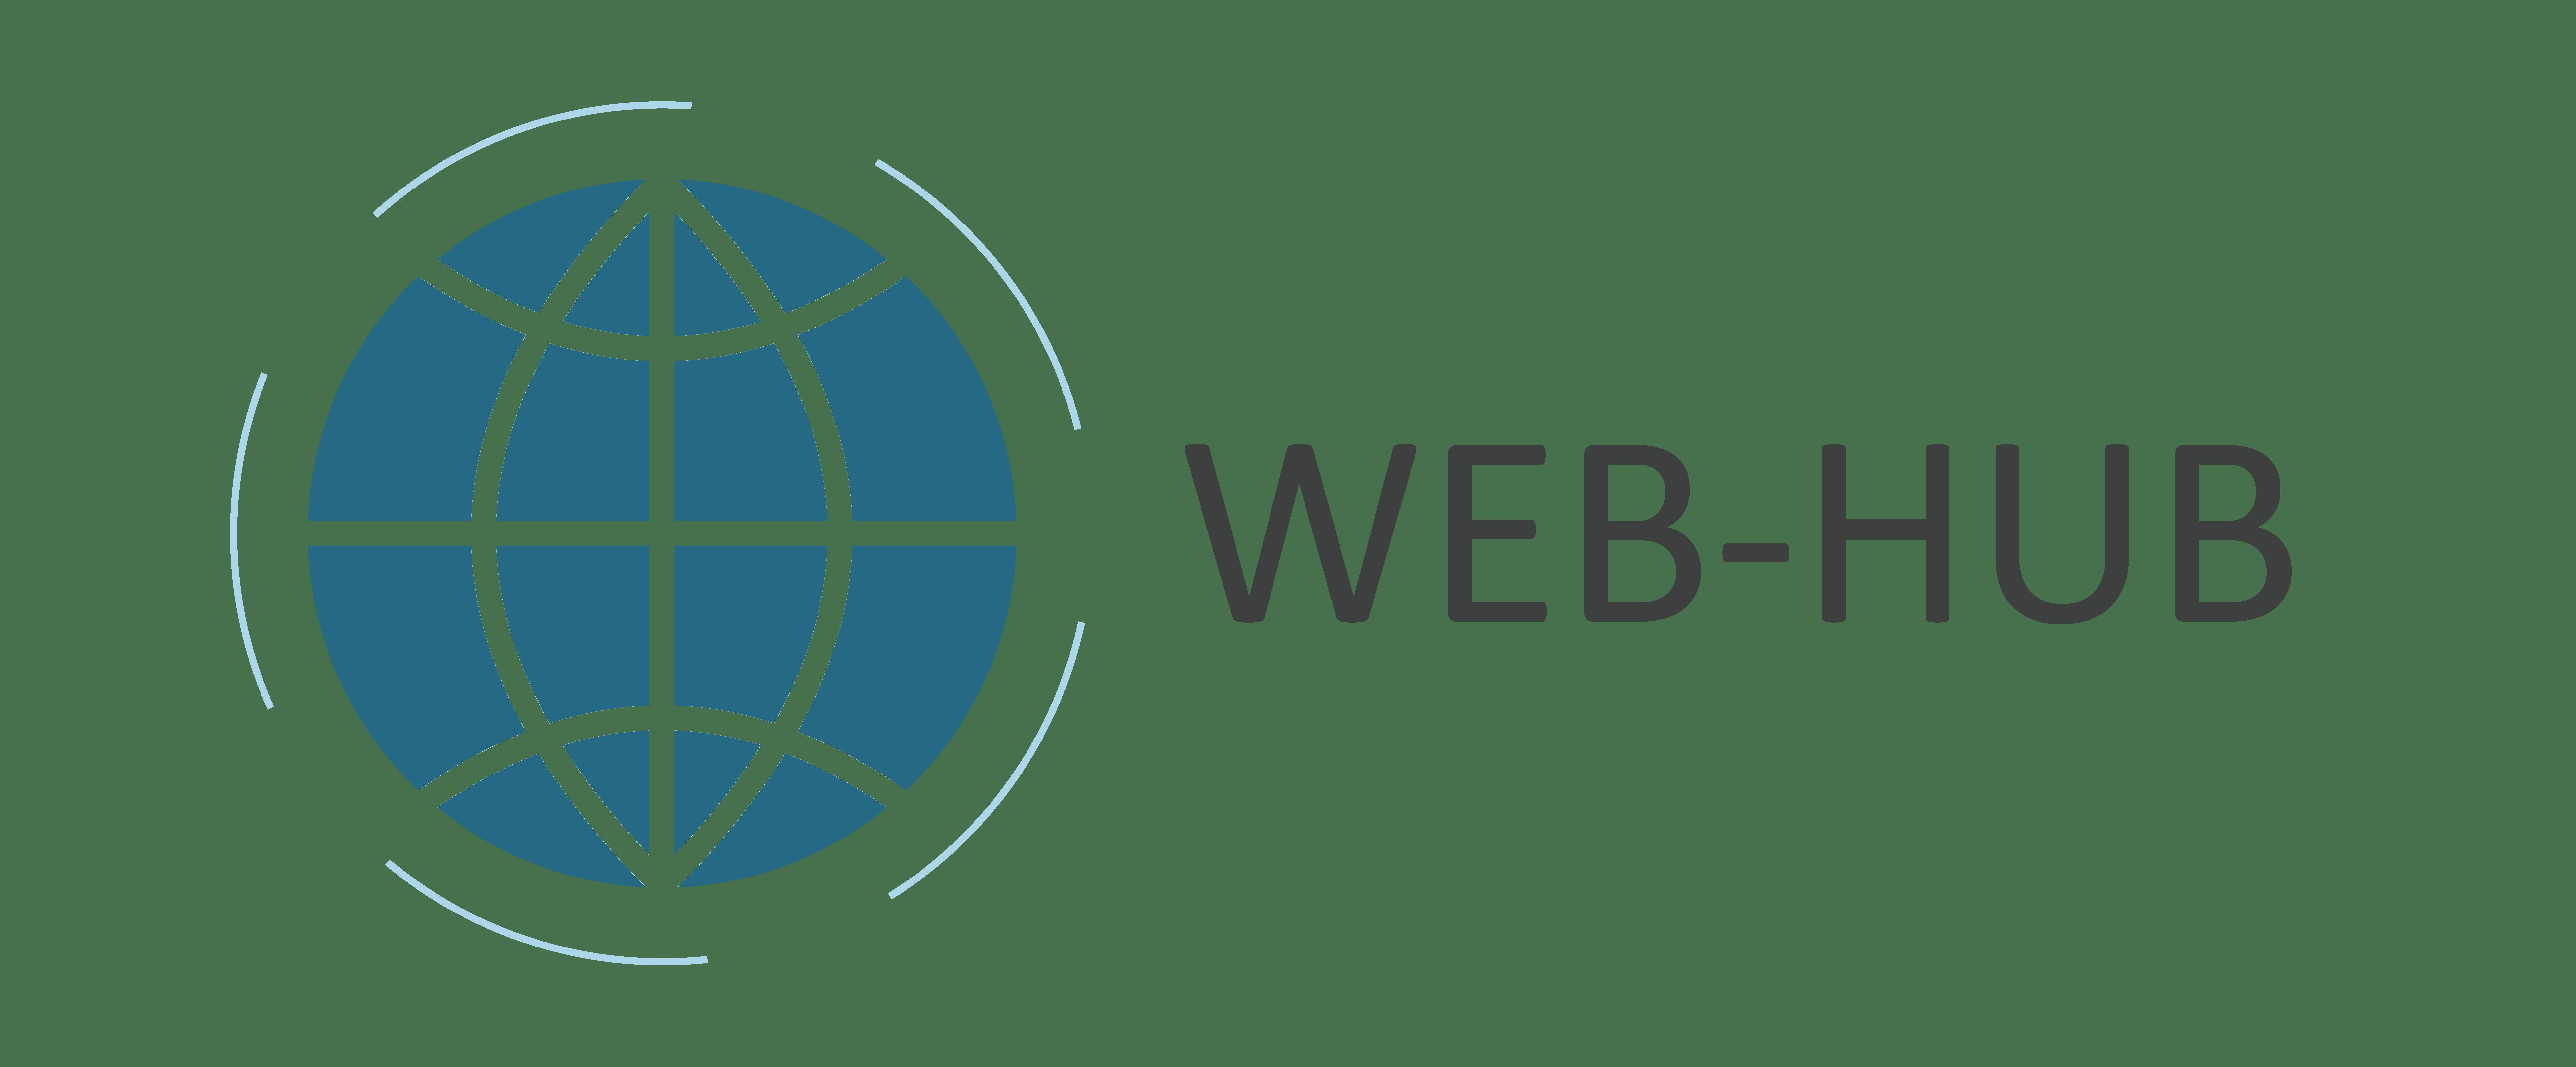 Web-Hub Tworzenie stron WWW, projektowanie stron internetowych, aplikacje internetowe, systemy CMS, Kraków.